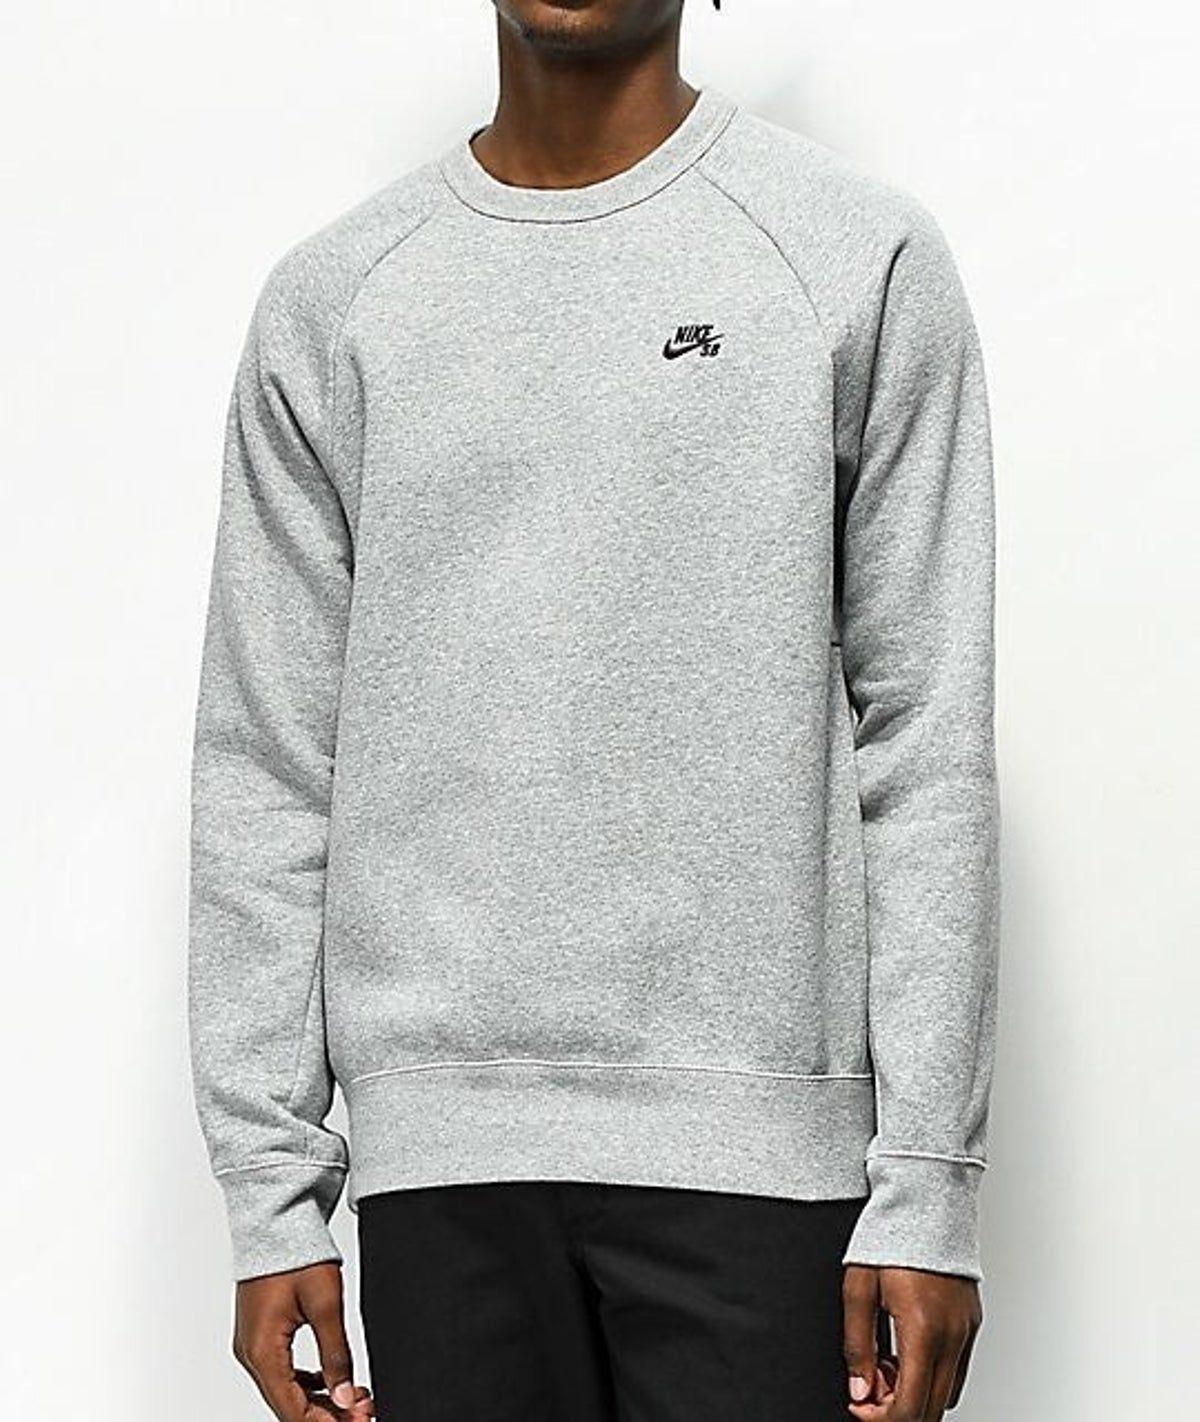 Nike Sb Icon Crew Neck Sweatshirt [ 1422 x 1200 Pixel ]